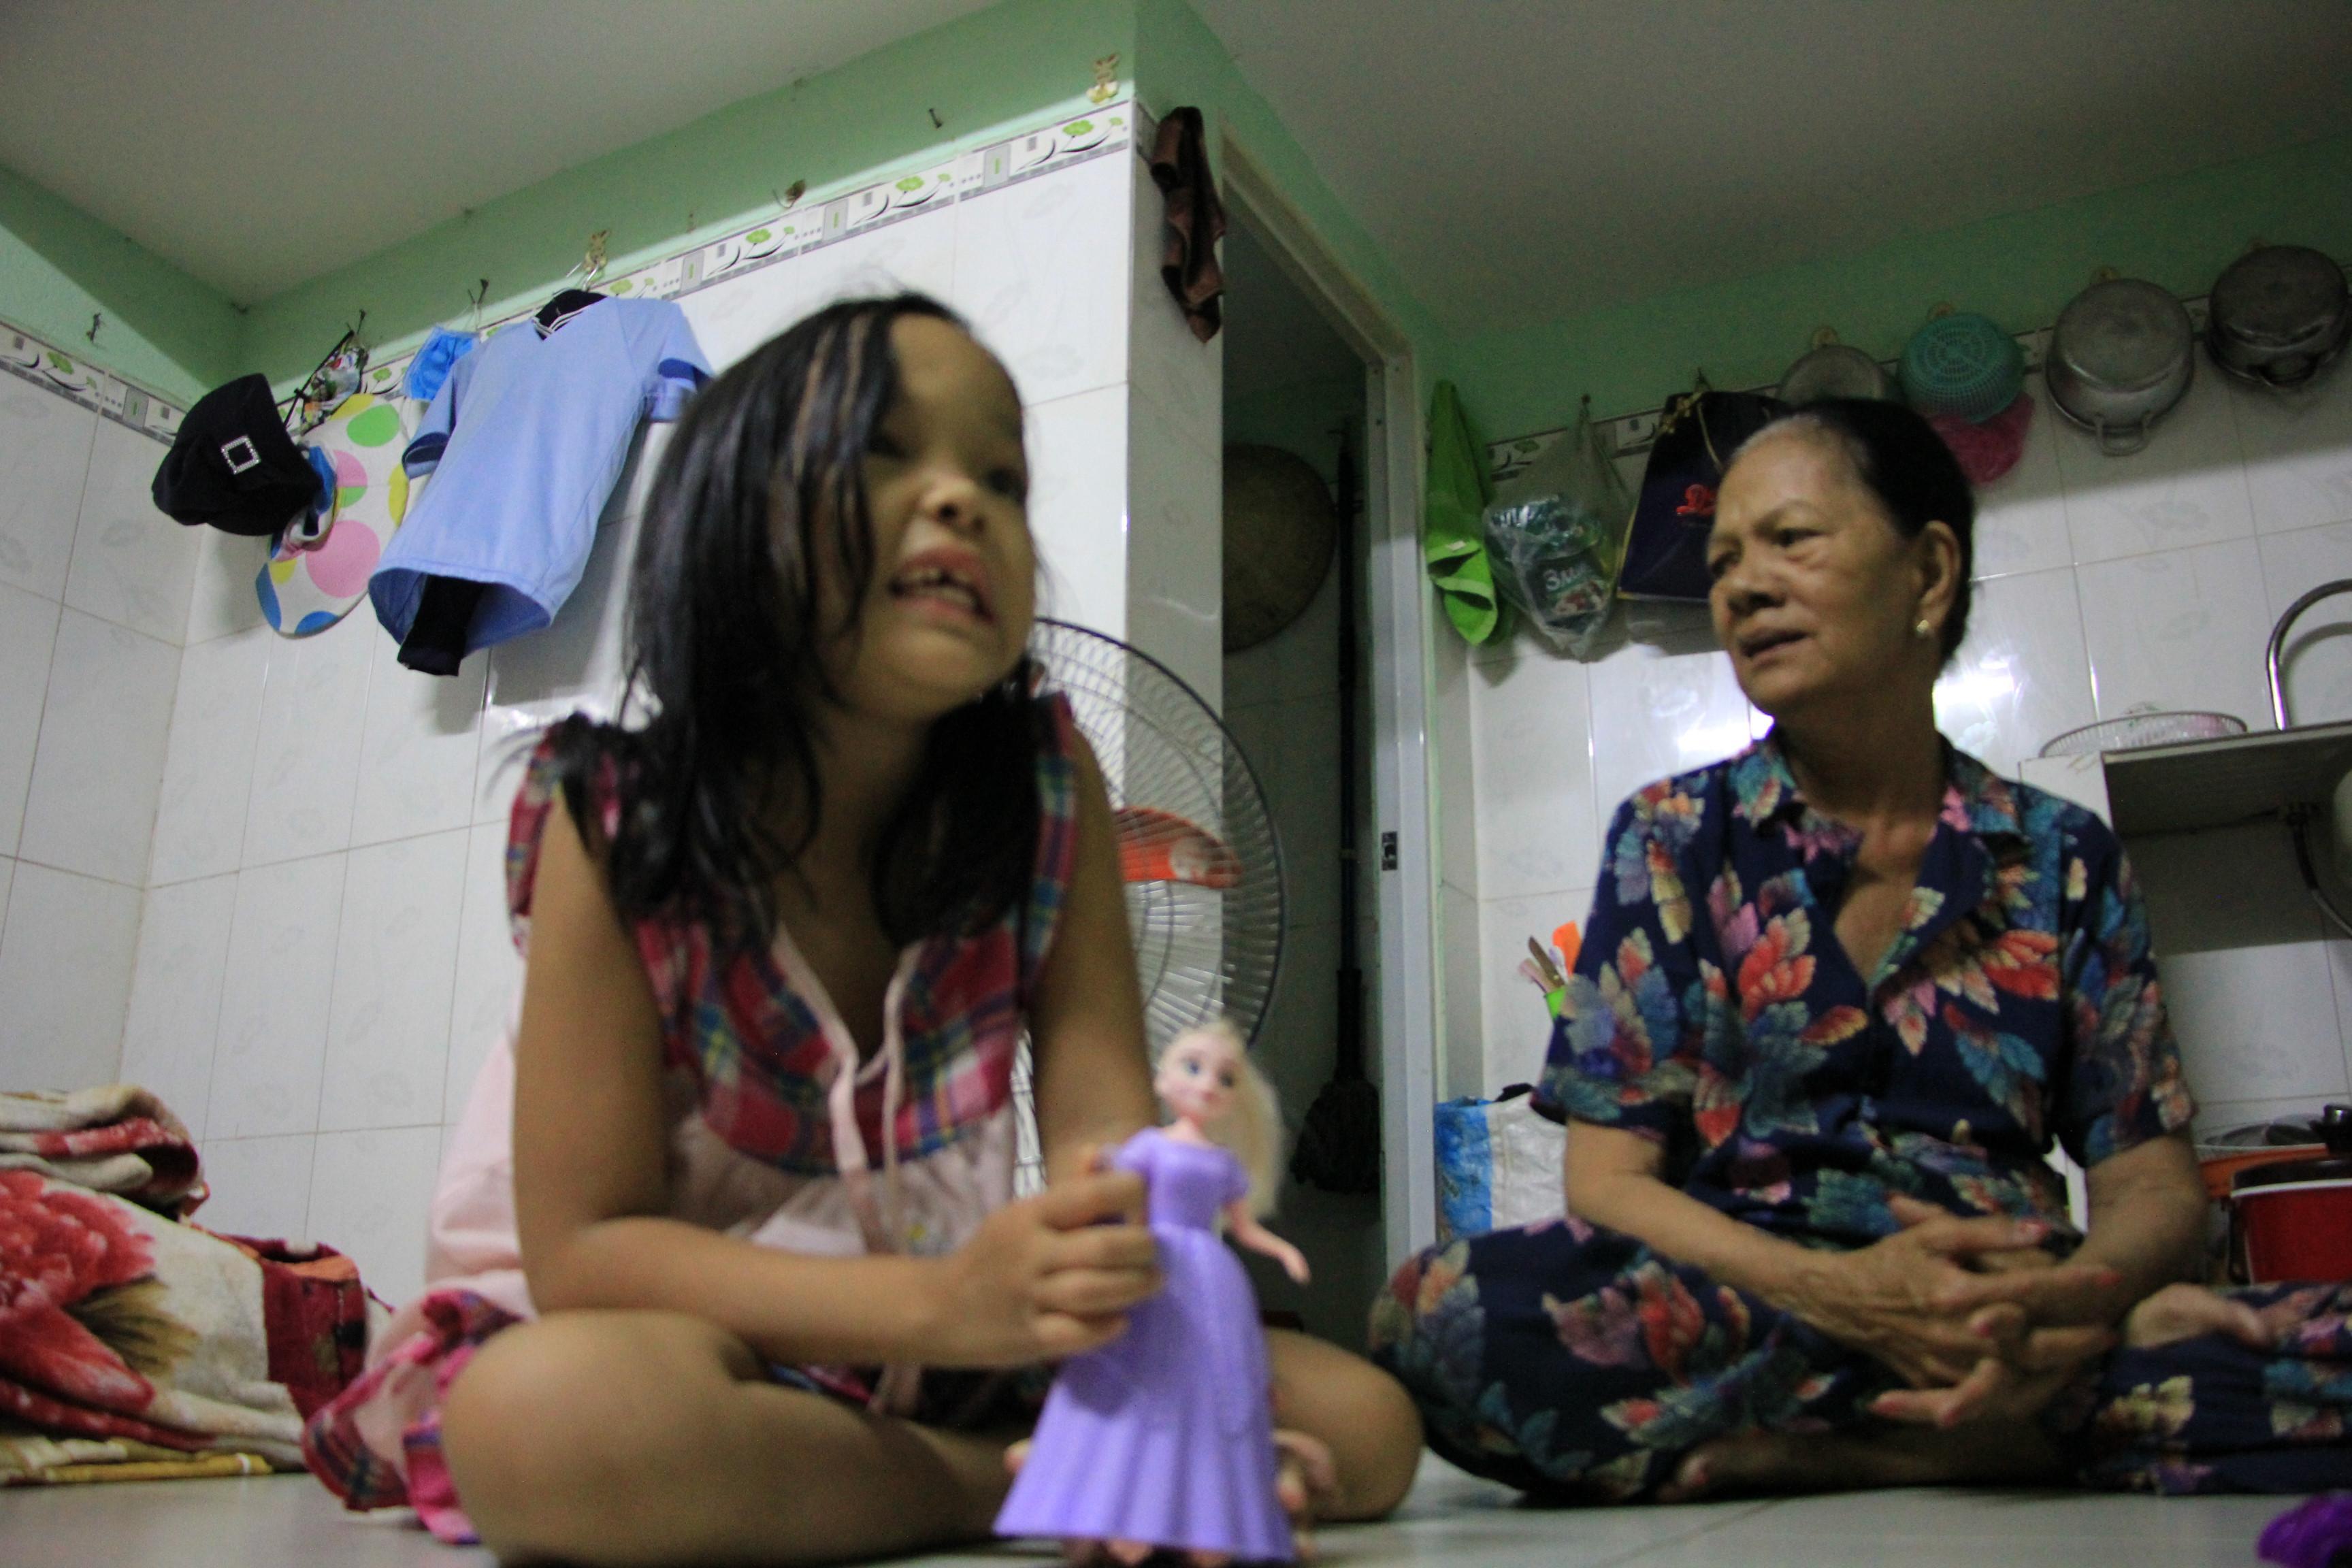 Bảo vệ già ở Sài Gòn bị dàn cảnh trộm xe SH: Không nhận thêm tiền, giúp lại người khác Ảnh 3